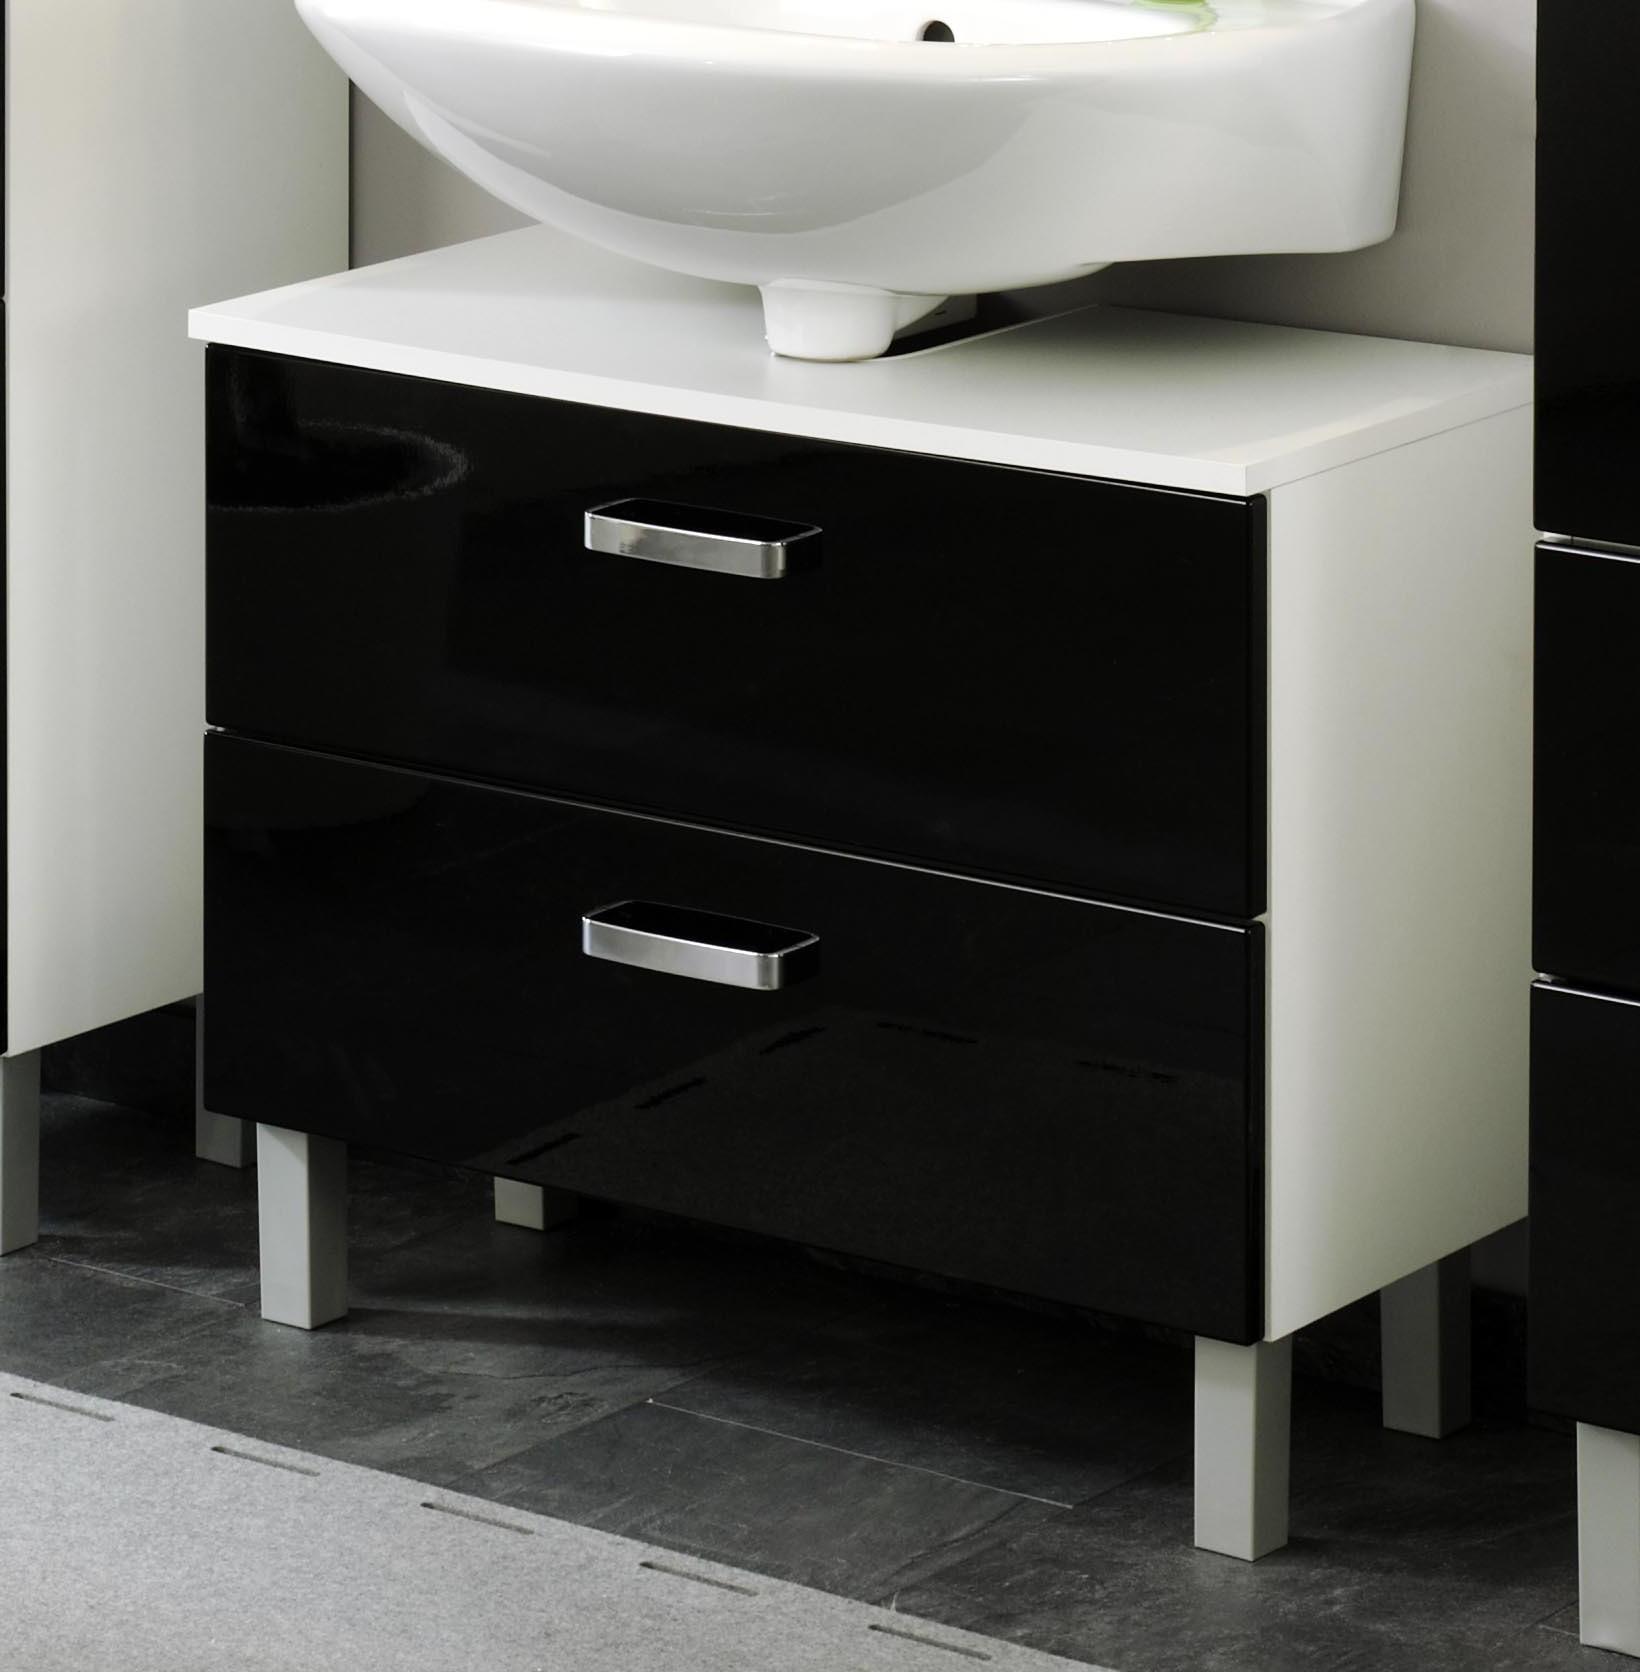 Bad-Waschbeckenunterschrank DENVER - 1111 Klappe, 1111 Auszug - 11 cm breit -  Hochglanz Schwarz